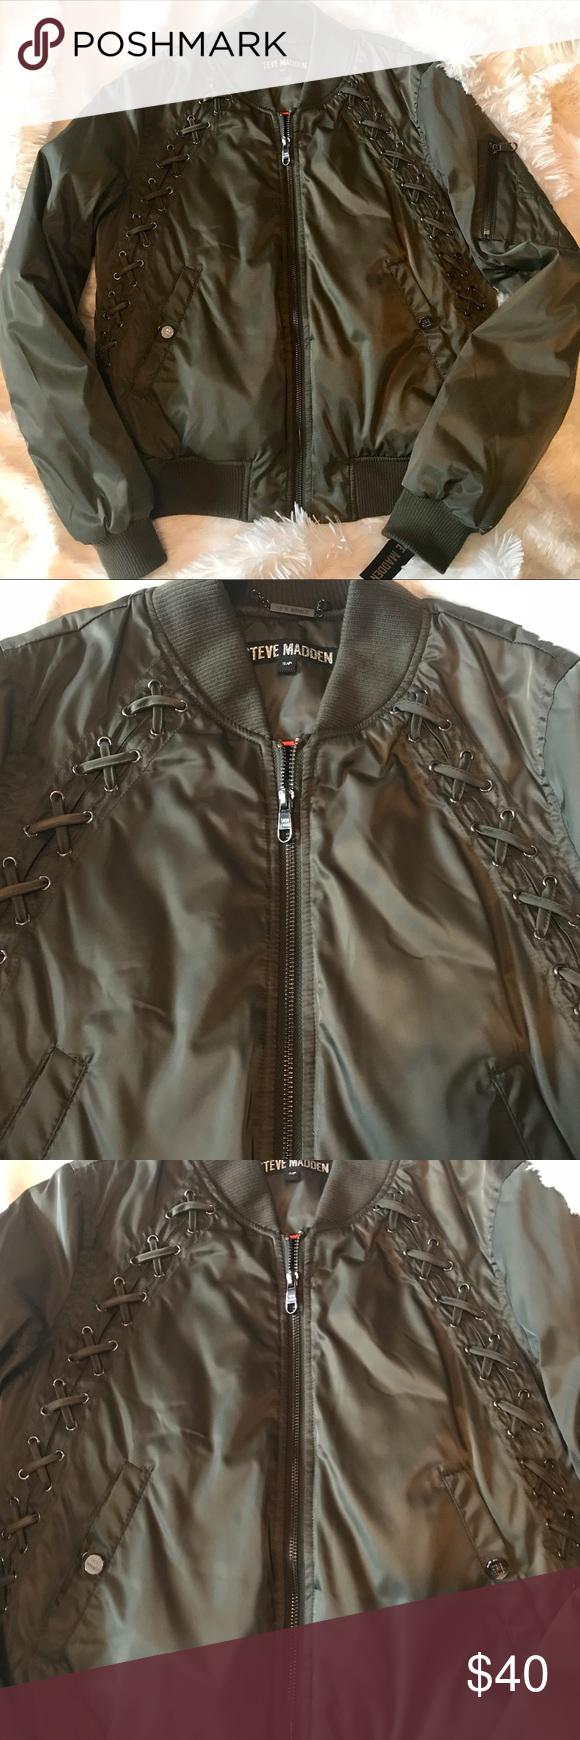 online store 60776 96f89 Steve Madden jacket olive green NWT Steve Madden olive green ...